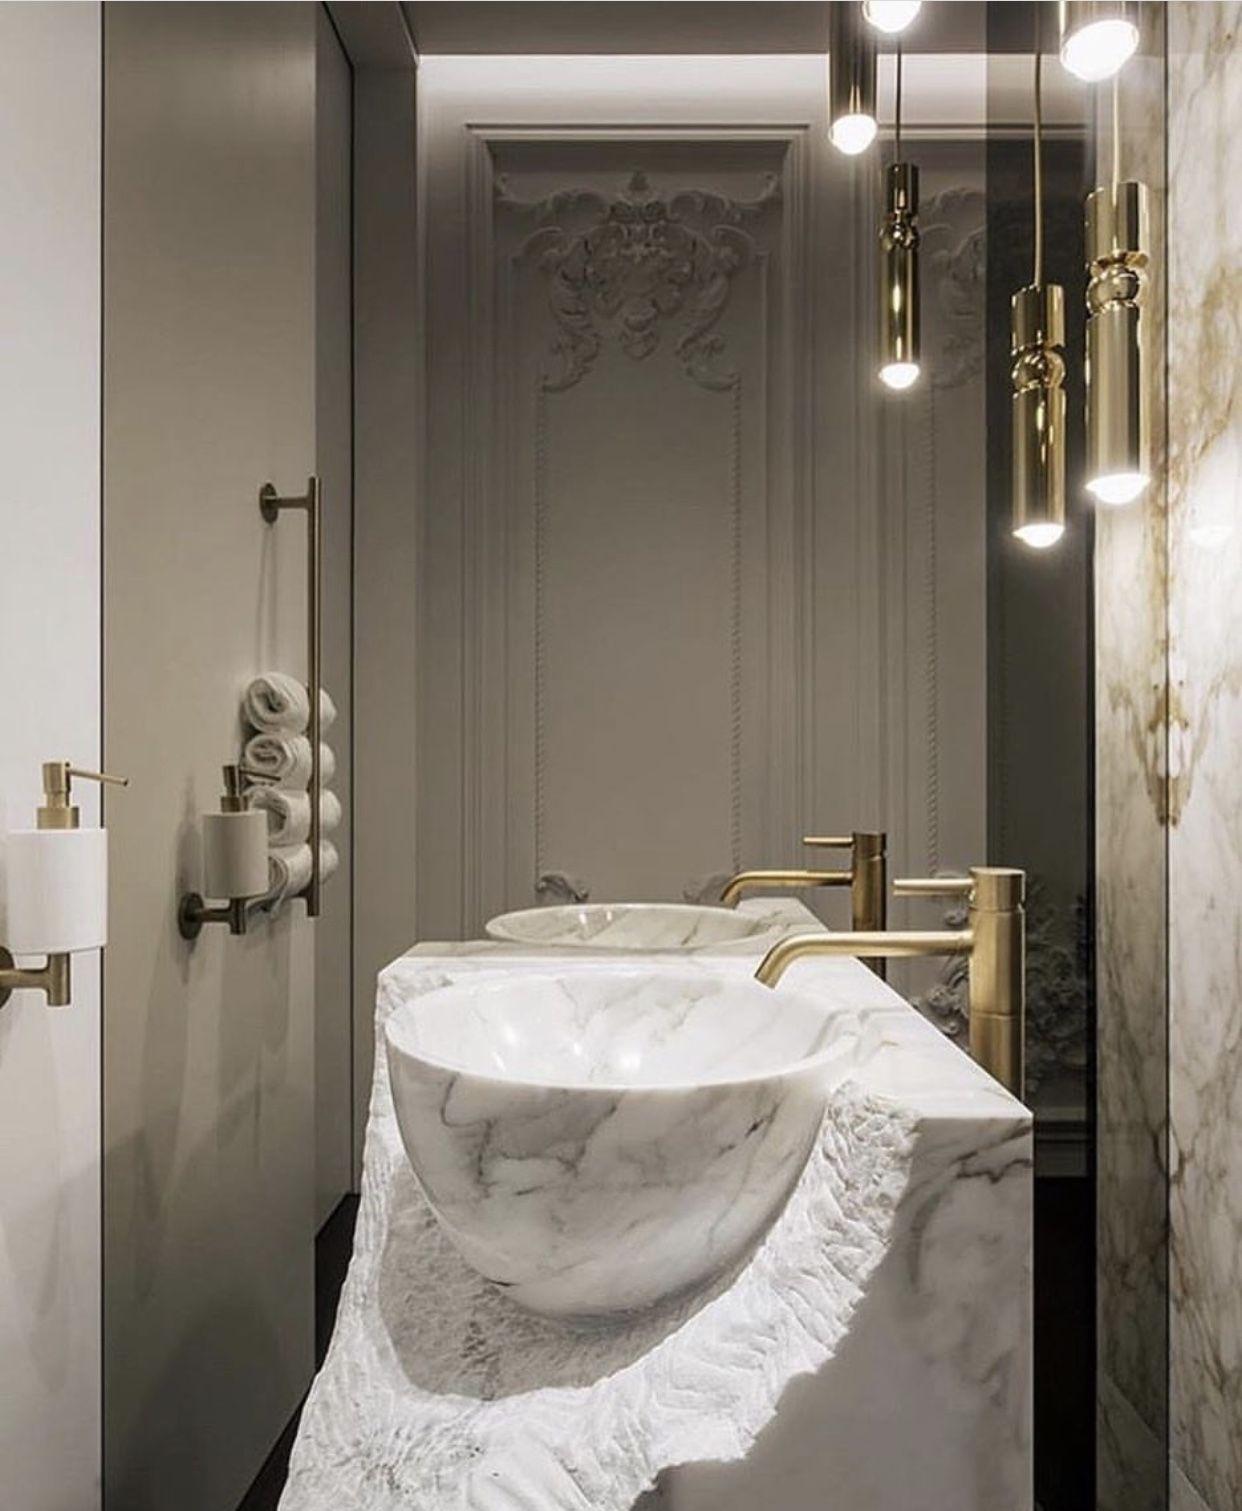 Pin Von Ilona Reiss Auf Badezimmer Kleines Badezimmer Mobel